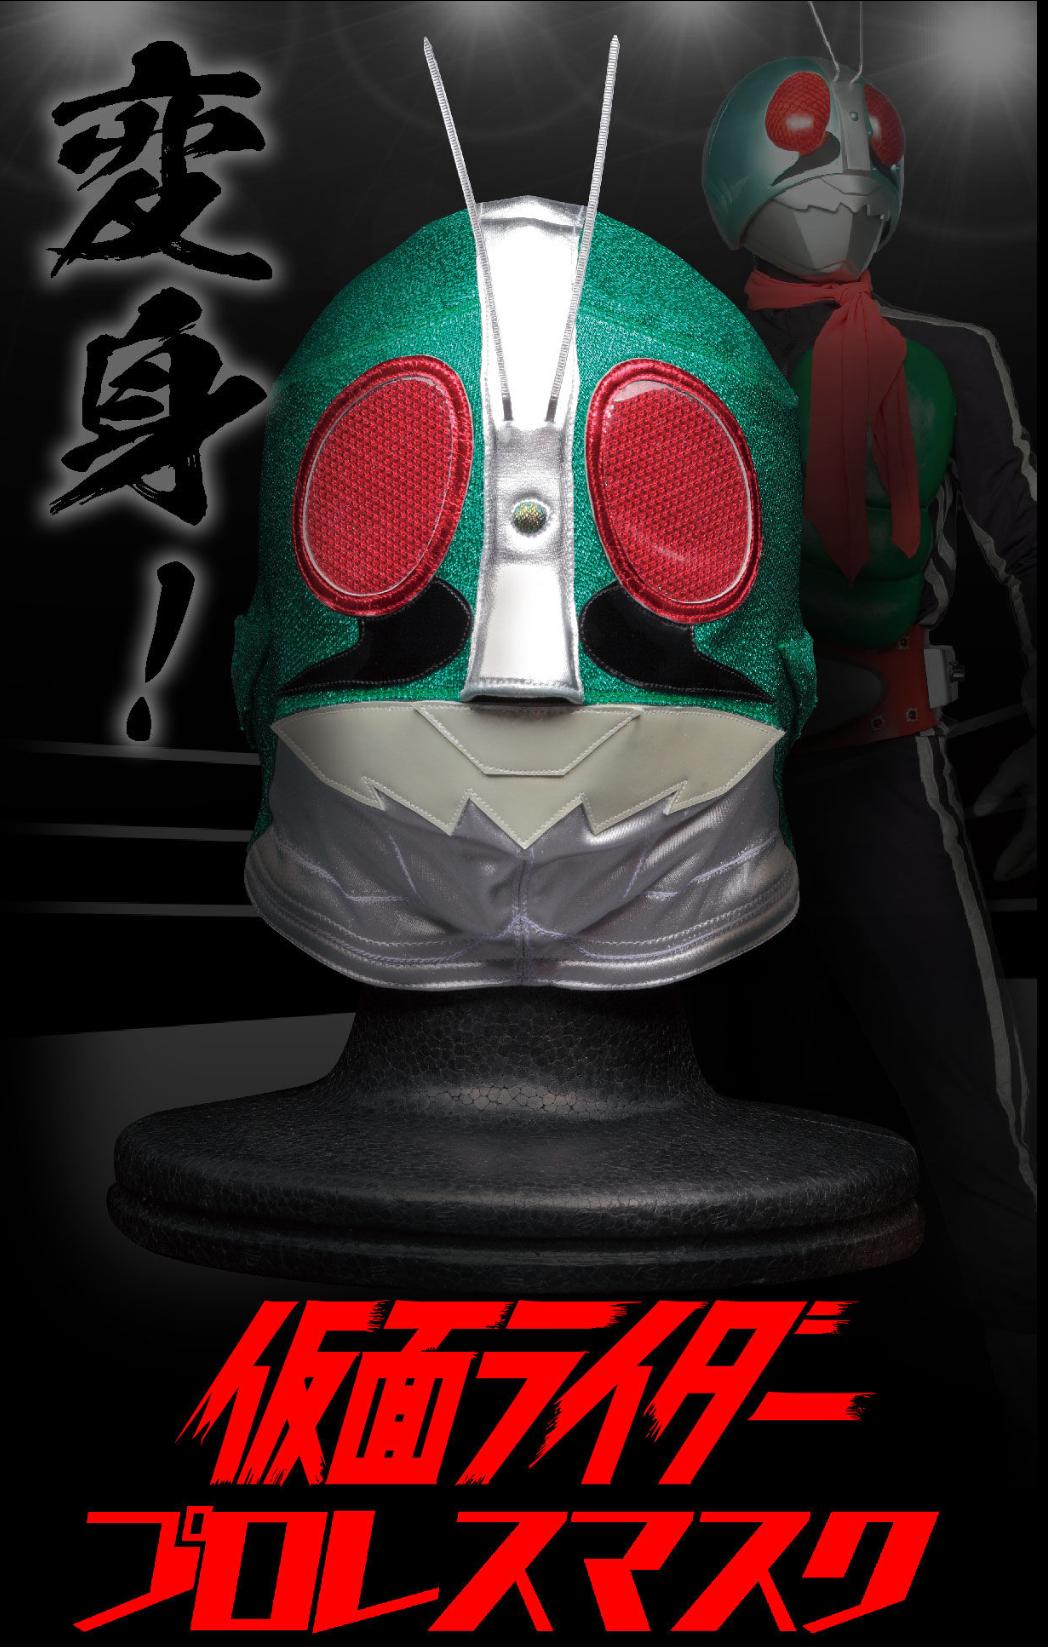 プロレス界に衝撃!仮面ライダーが「プロレスマスク」に変身!